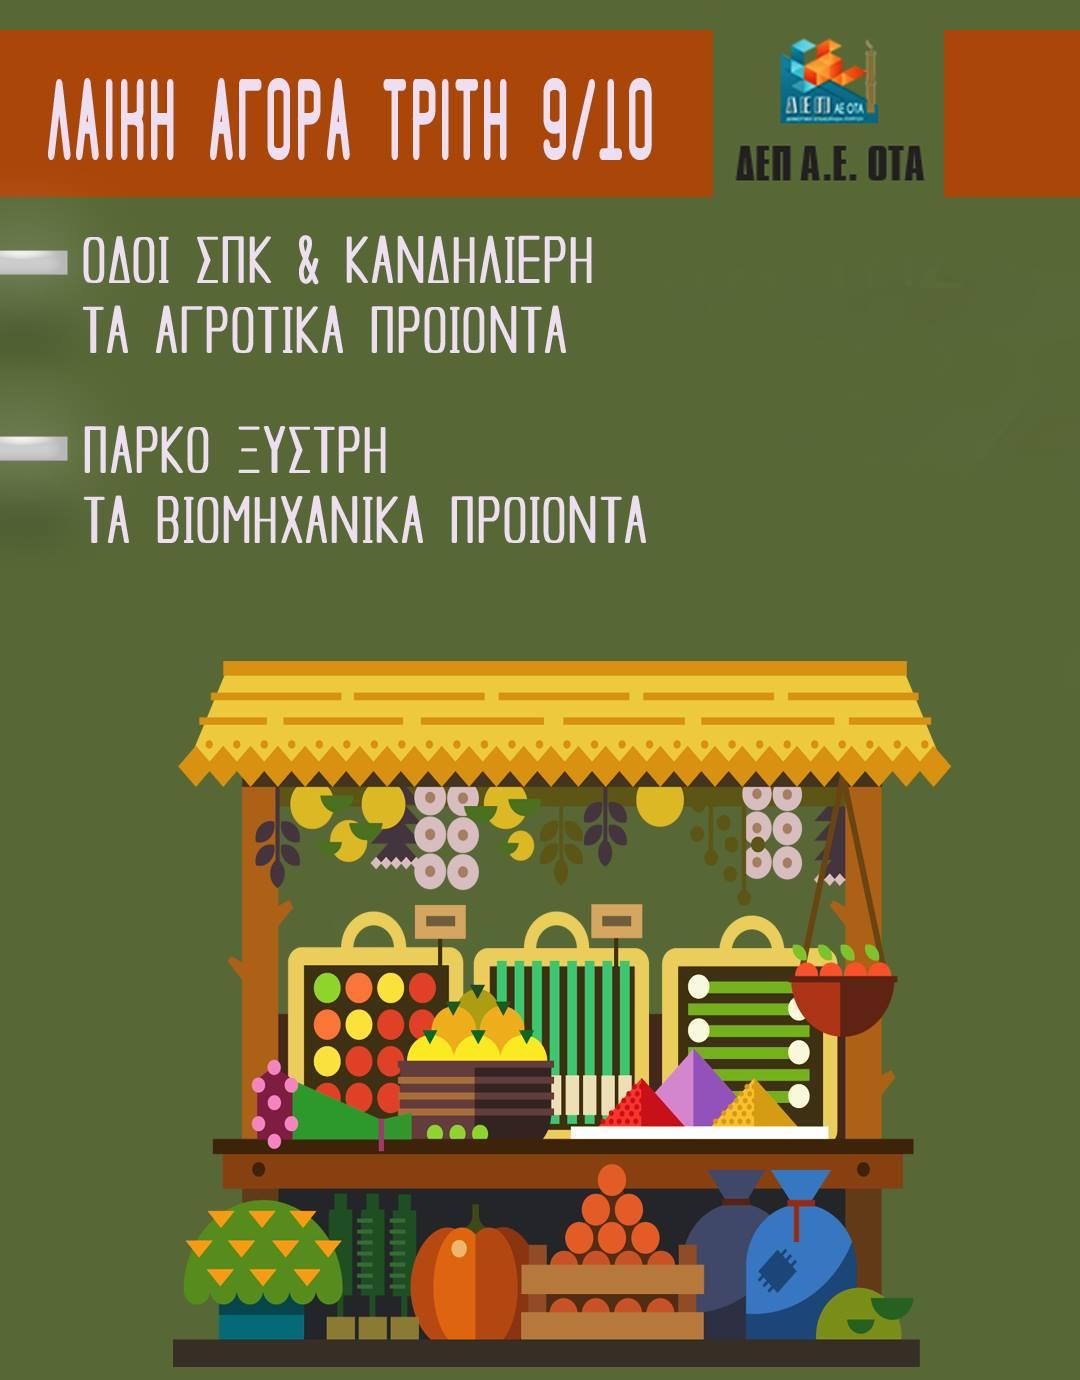 ΔΕΠ ΑΕ ΟΤΑ Δήμου Πύργου: Την Τρίτη 9/10 η Λαϊκή Αγορά λόγω του εορτασμού του πολιούχου Αγ. Χαραλάμπους